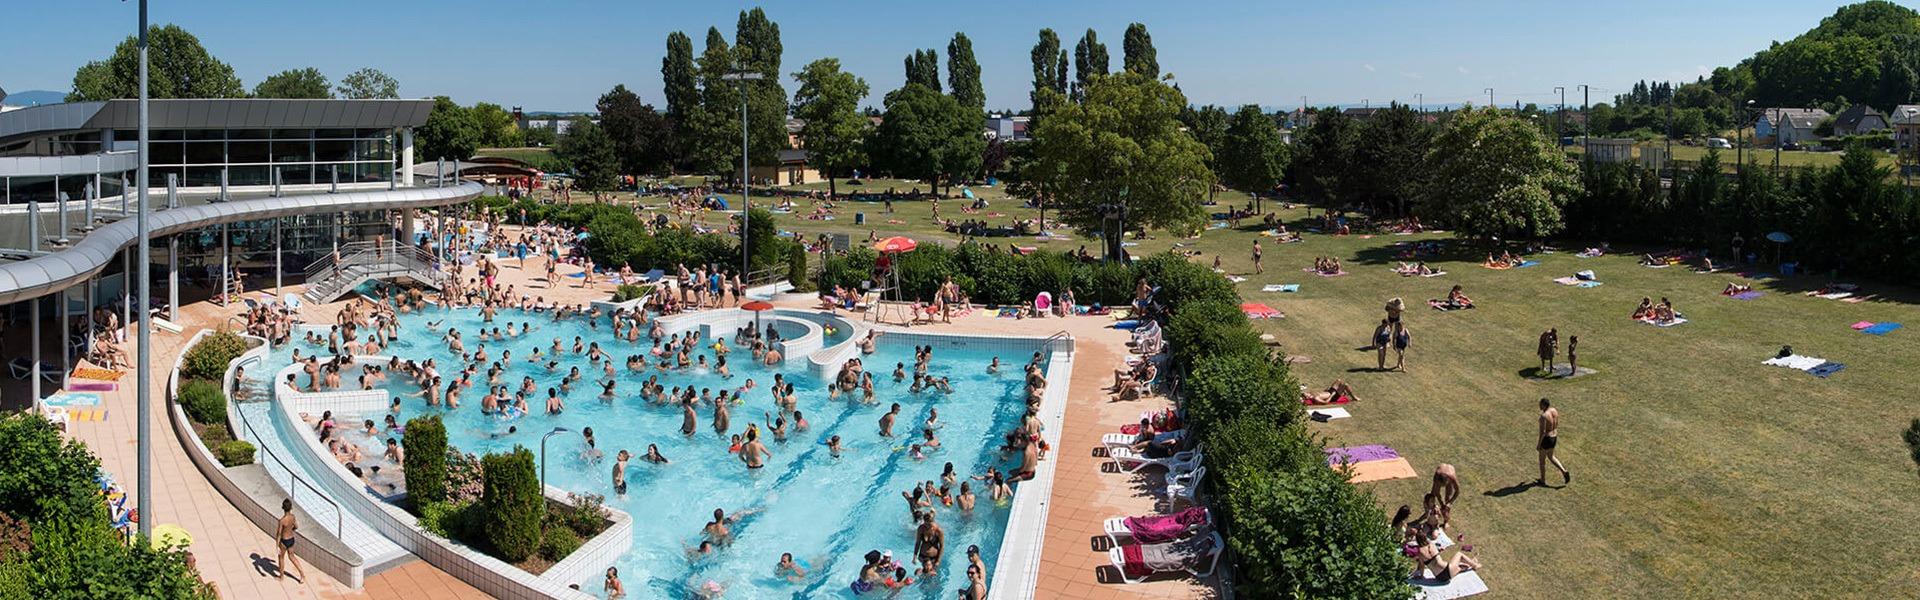 Piscine Mulhouse, Stade Nautique, Plan D'eau | M2A encequiconcerne Piscine De Rixheim